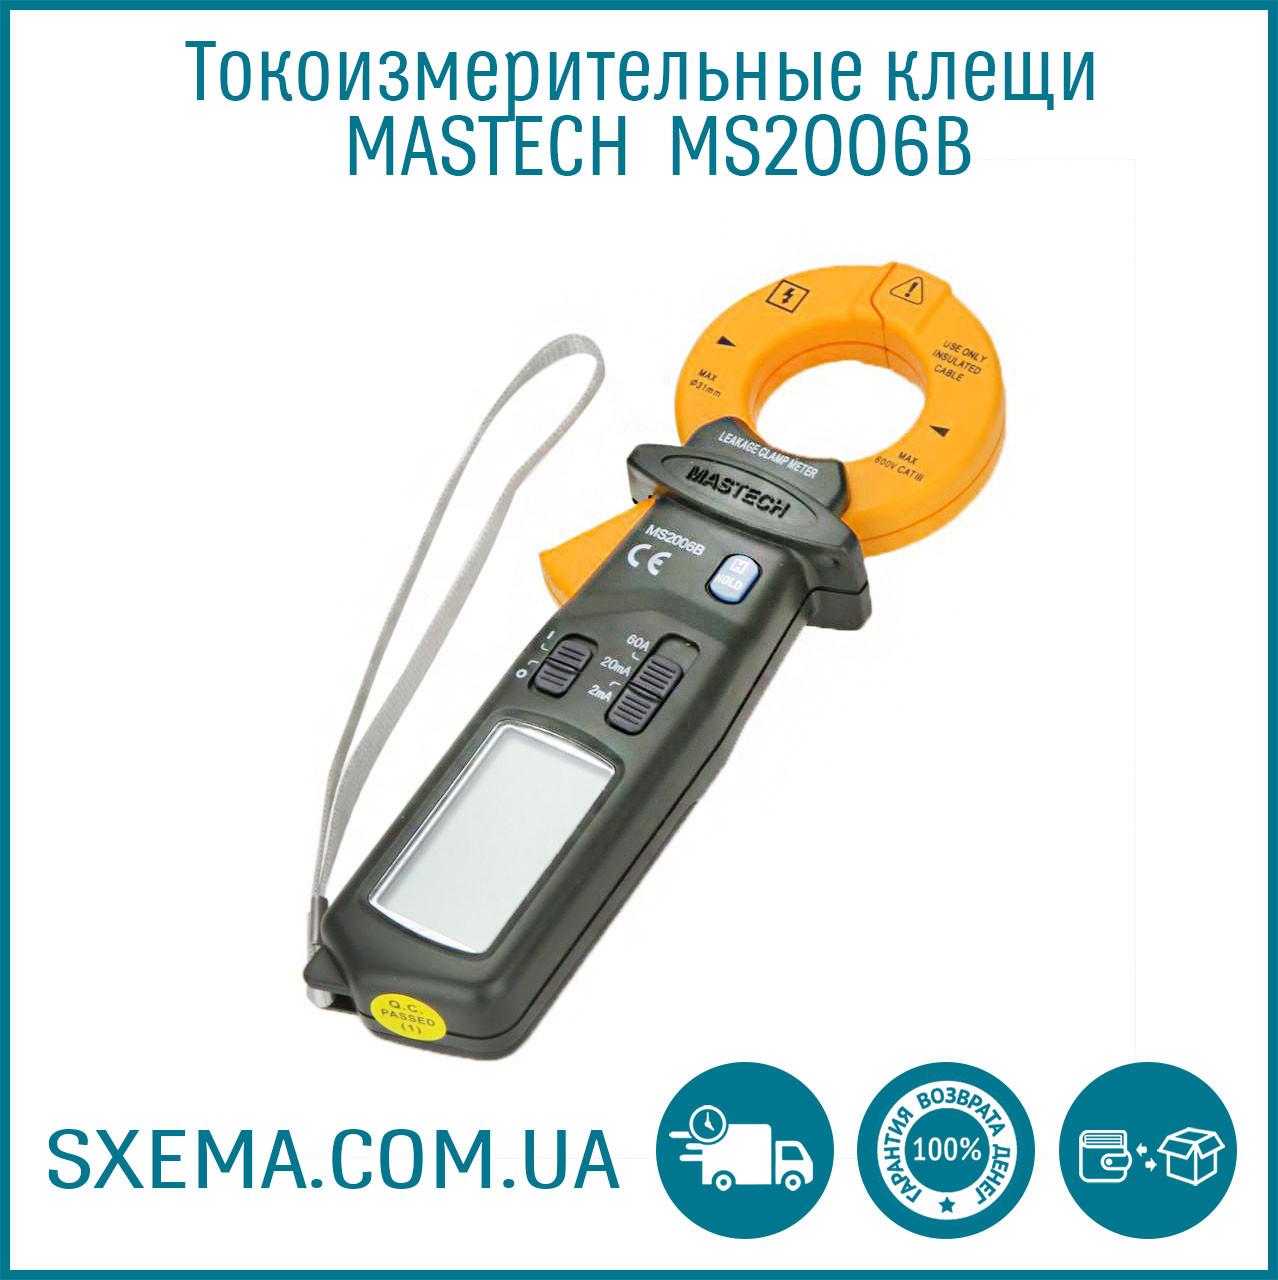 Токоизмерительные токовые клещи MASTECH MS2006B высокочувствительные